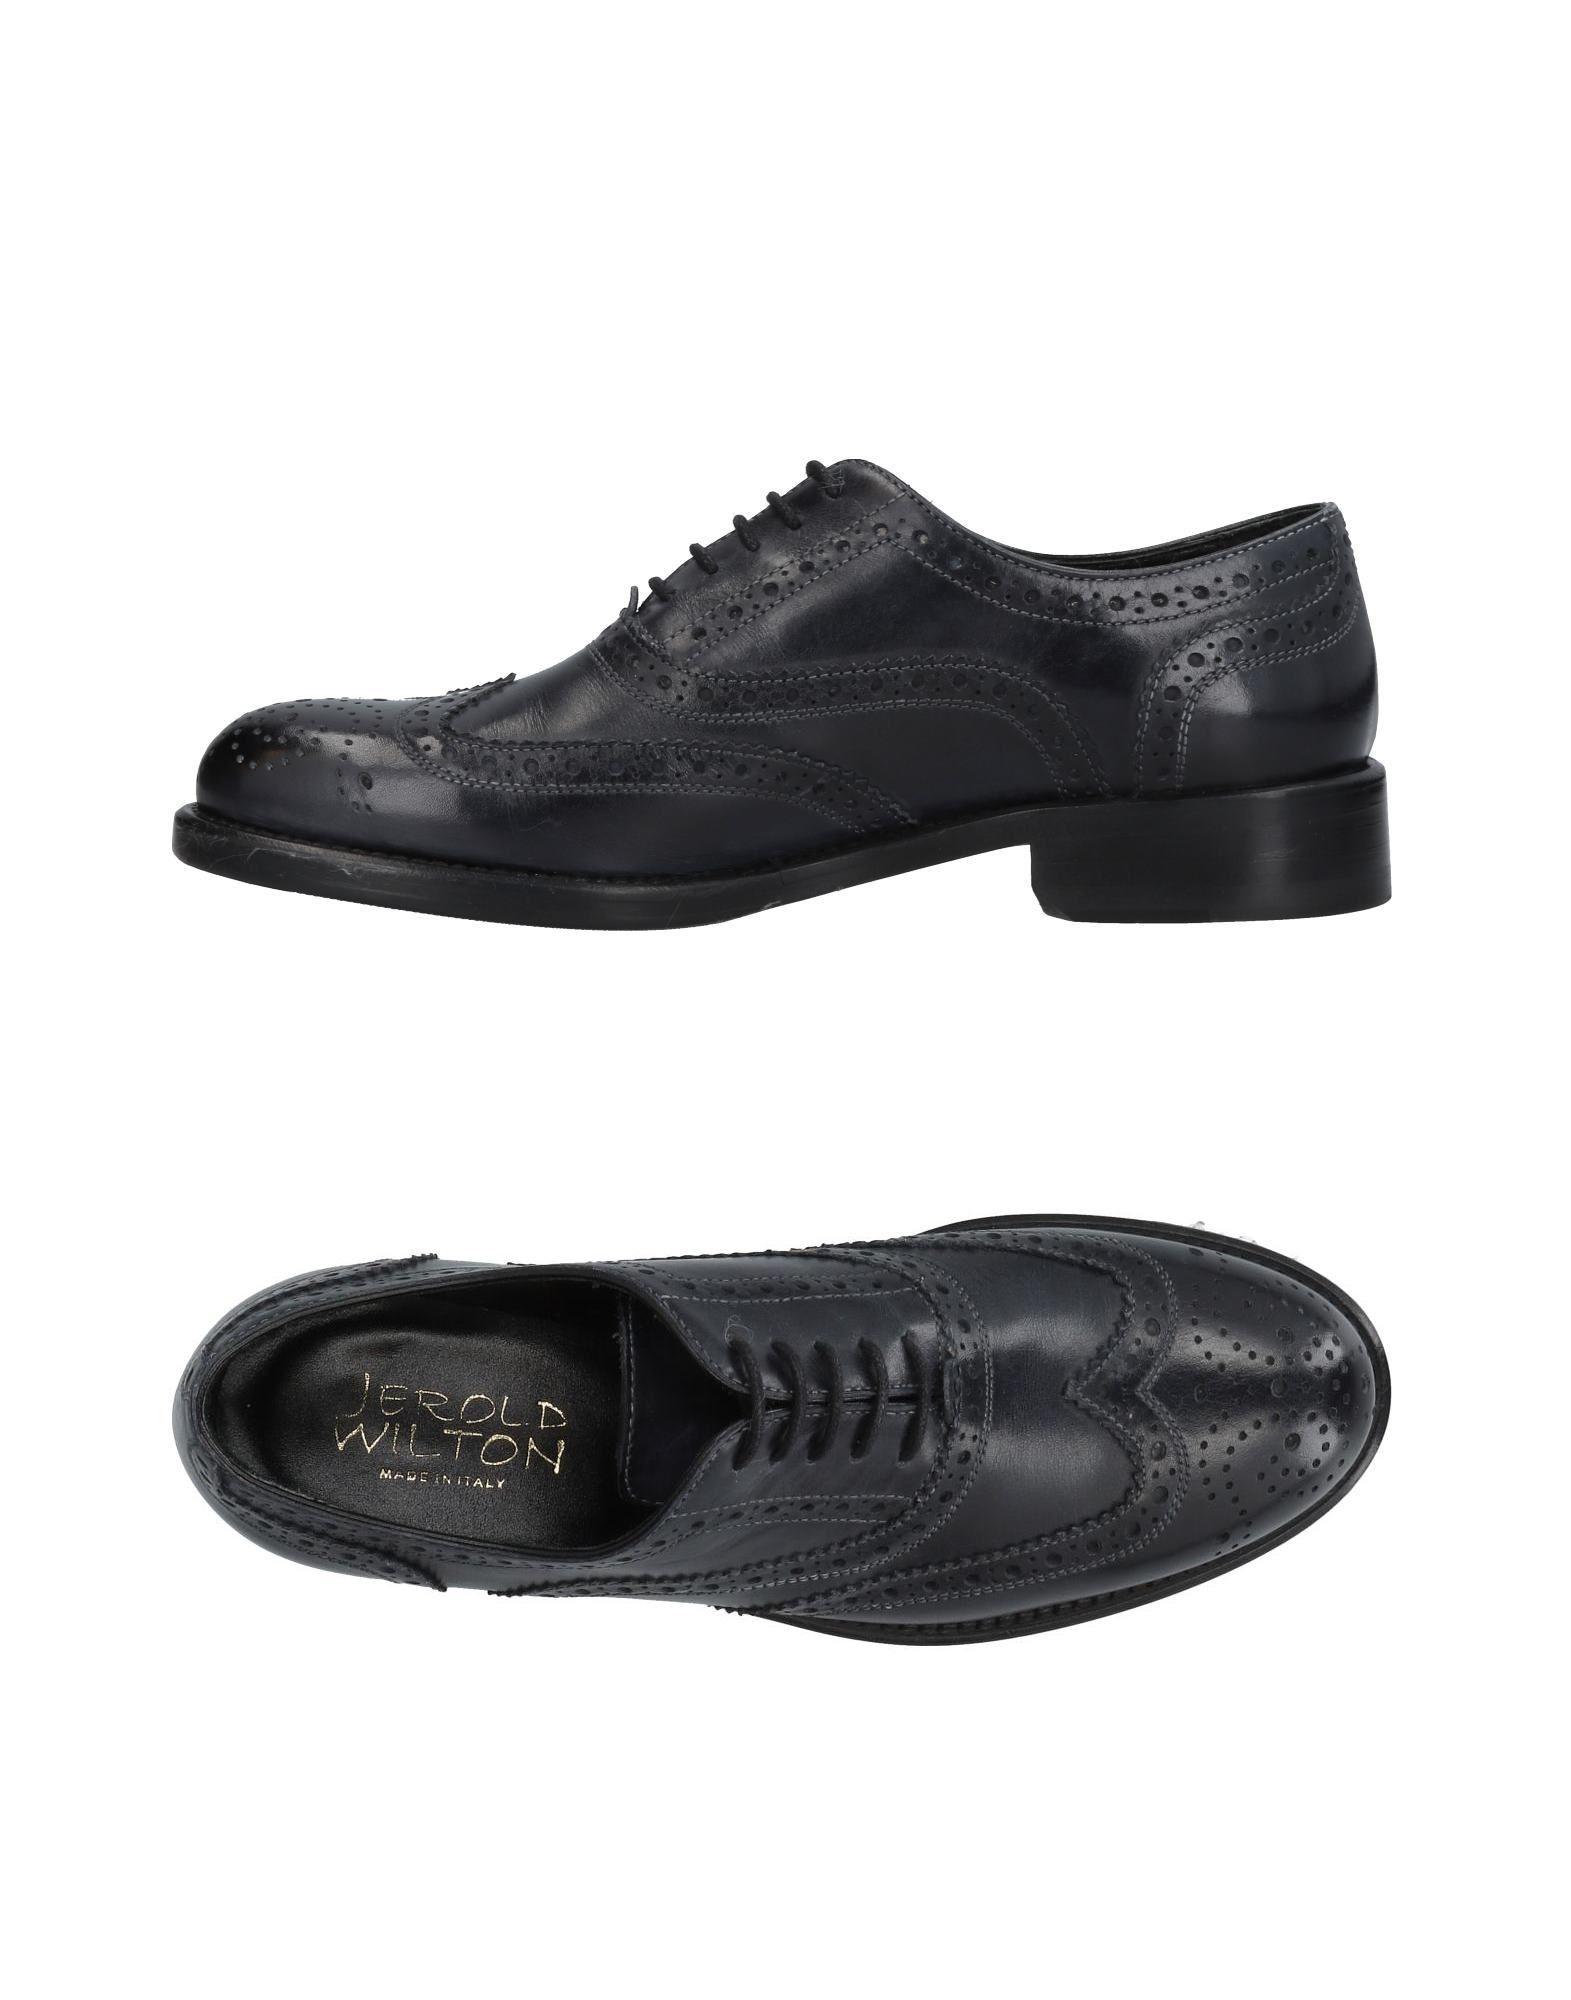 Zapato De Cordones Jerold Zapatos Wilton Mujer - Zapatos Jerold De Cordones Jerold Wilton 447183